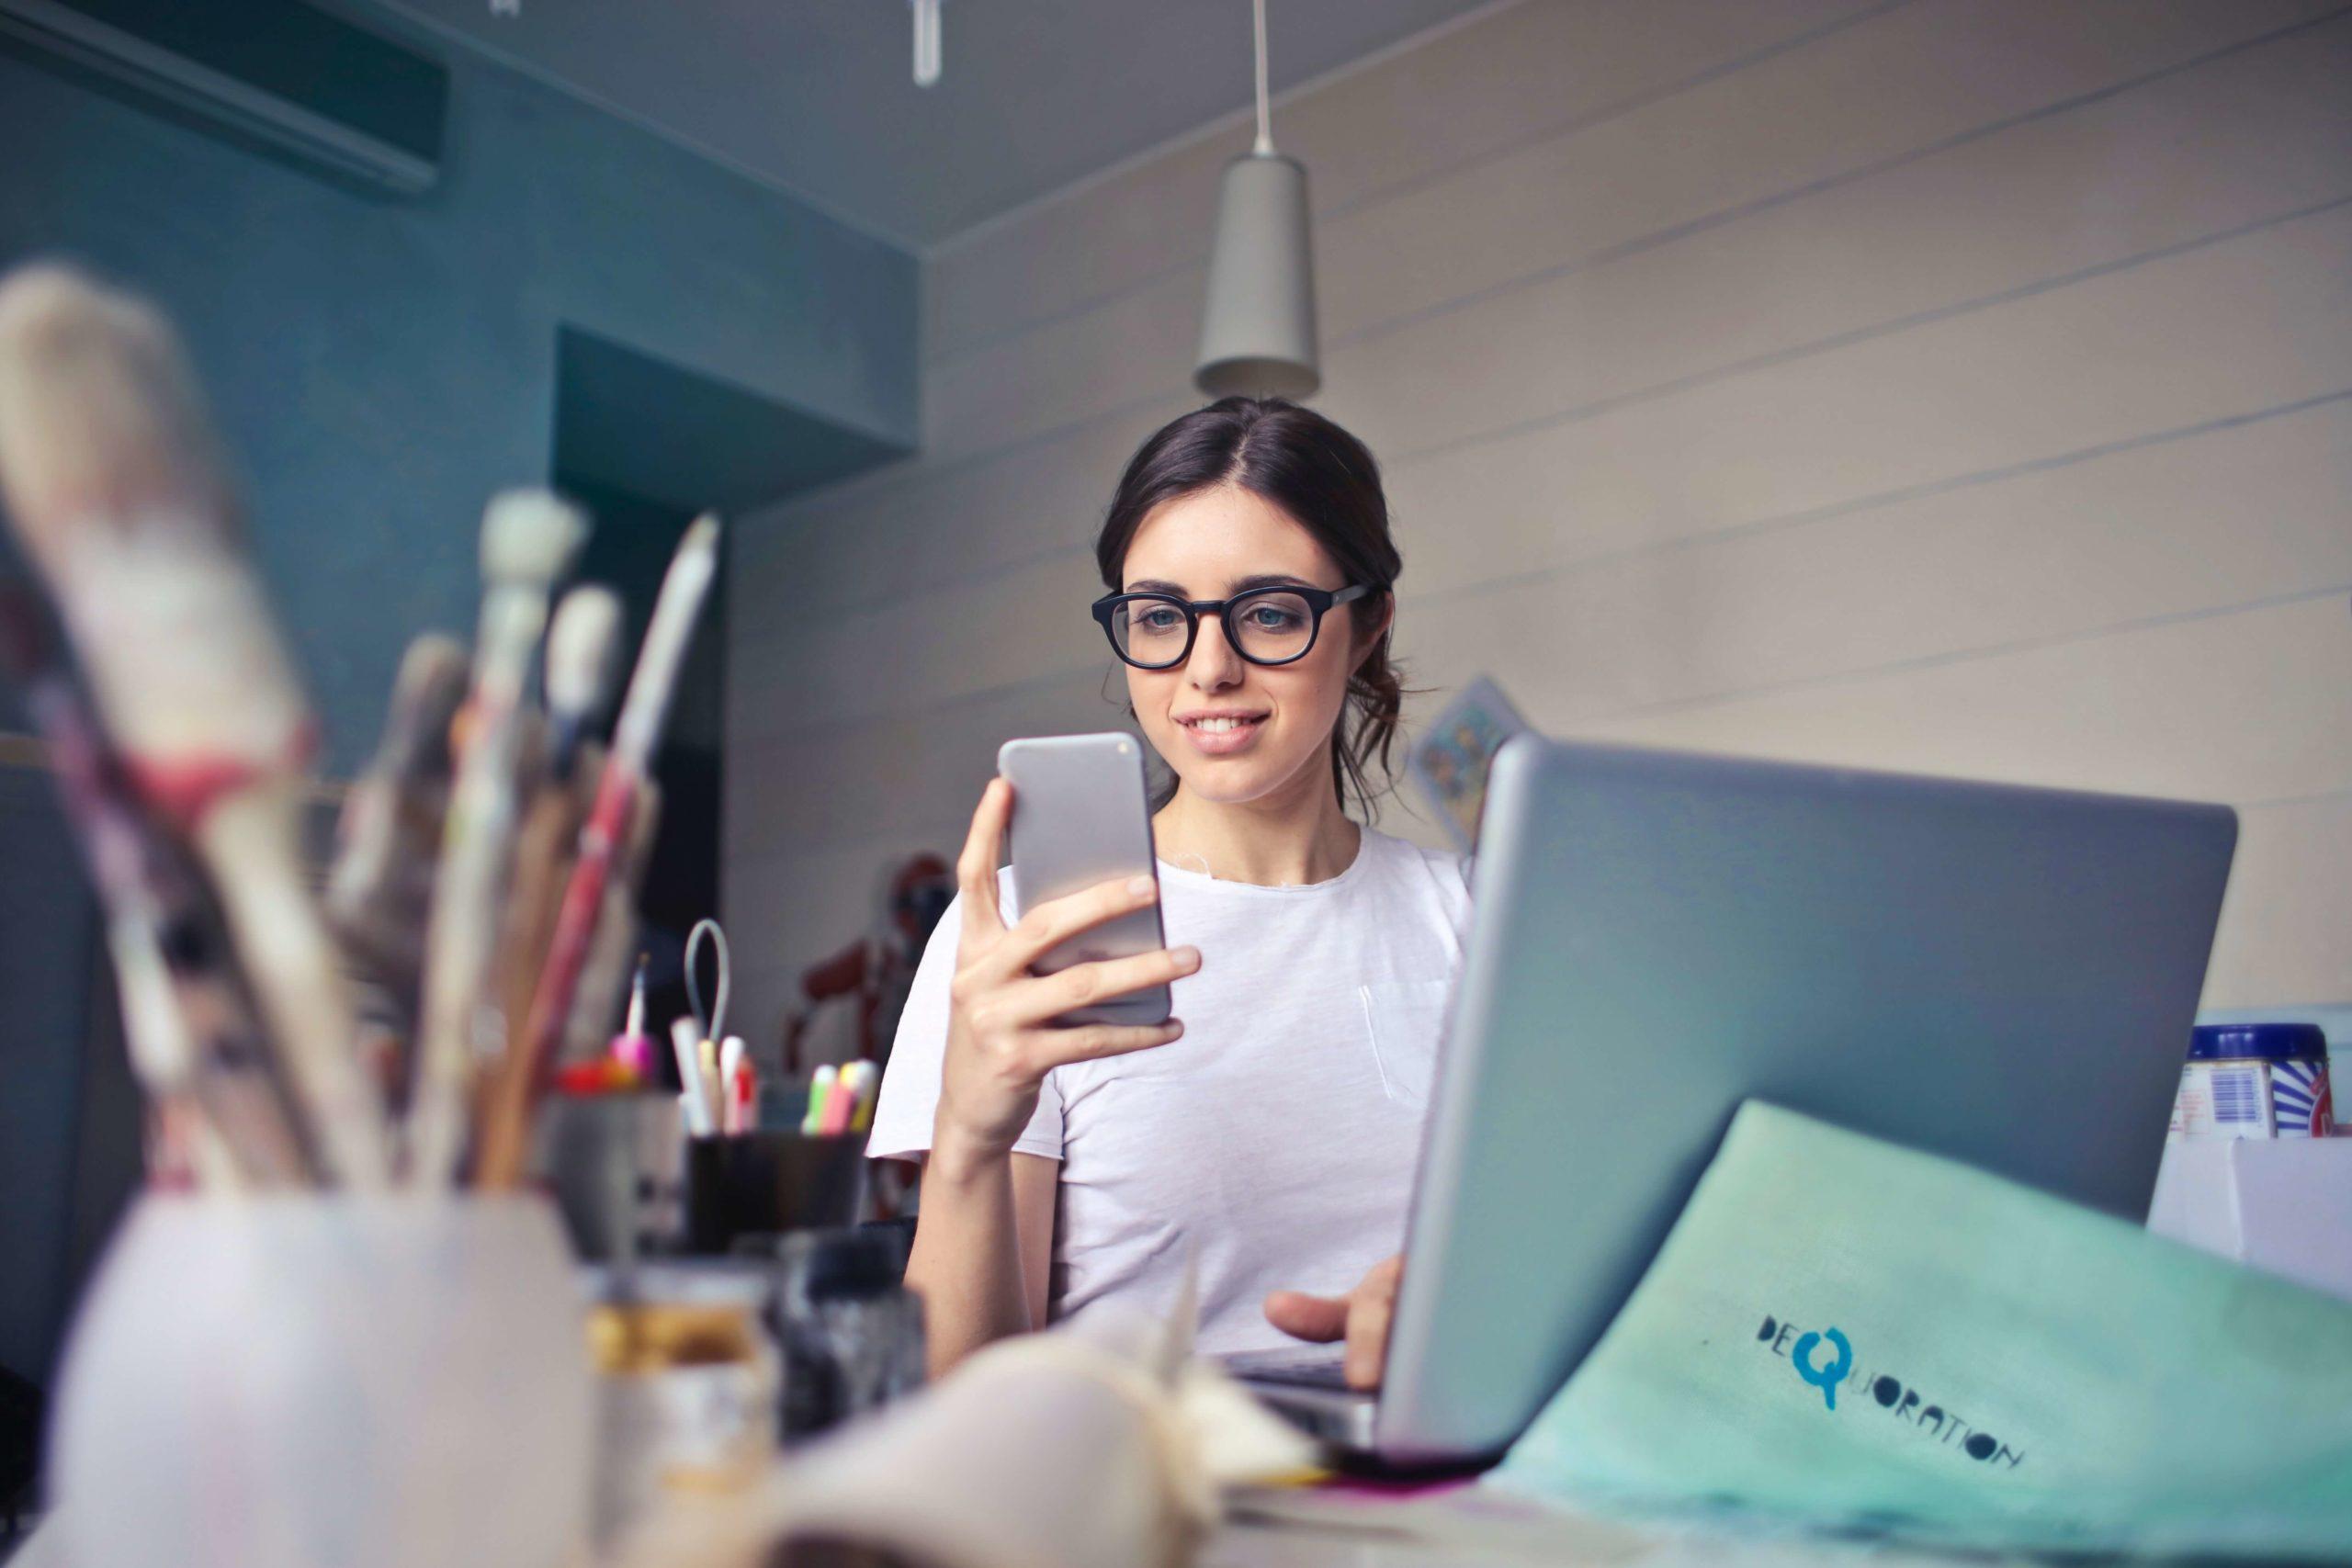 Frau bei der Arbeit am Bildschirm